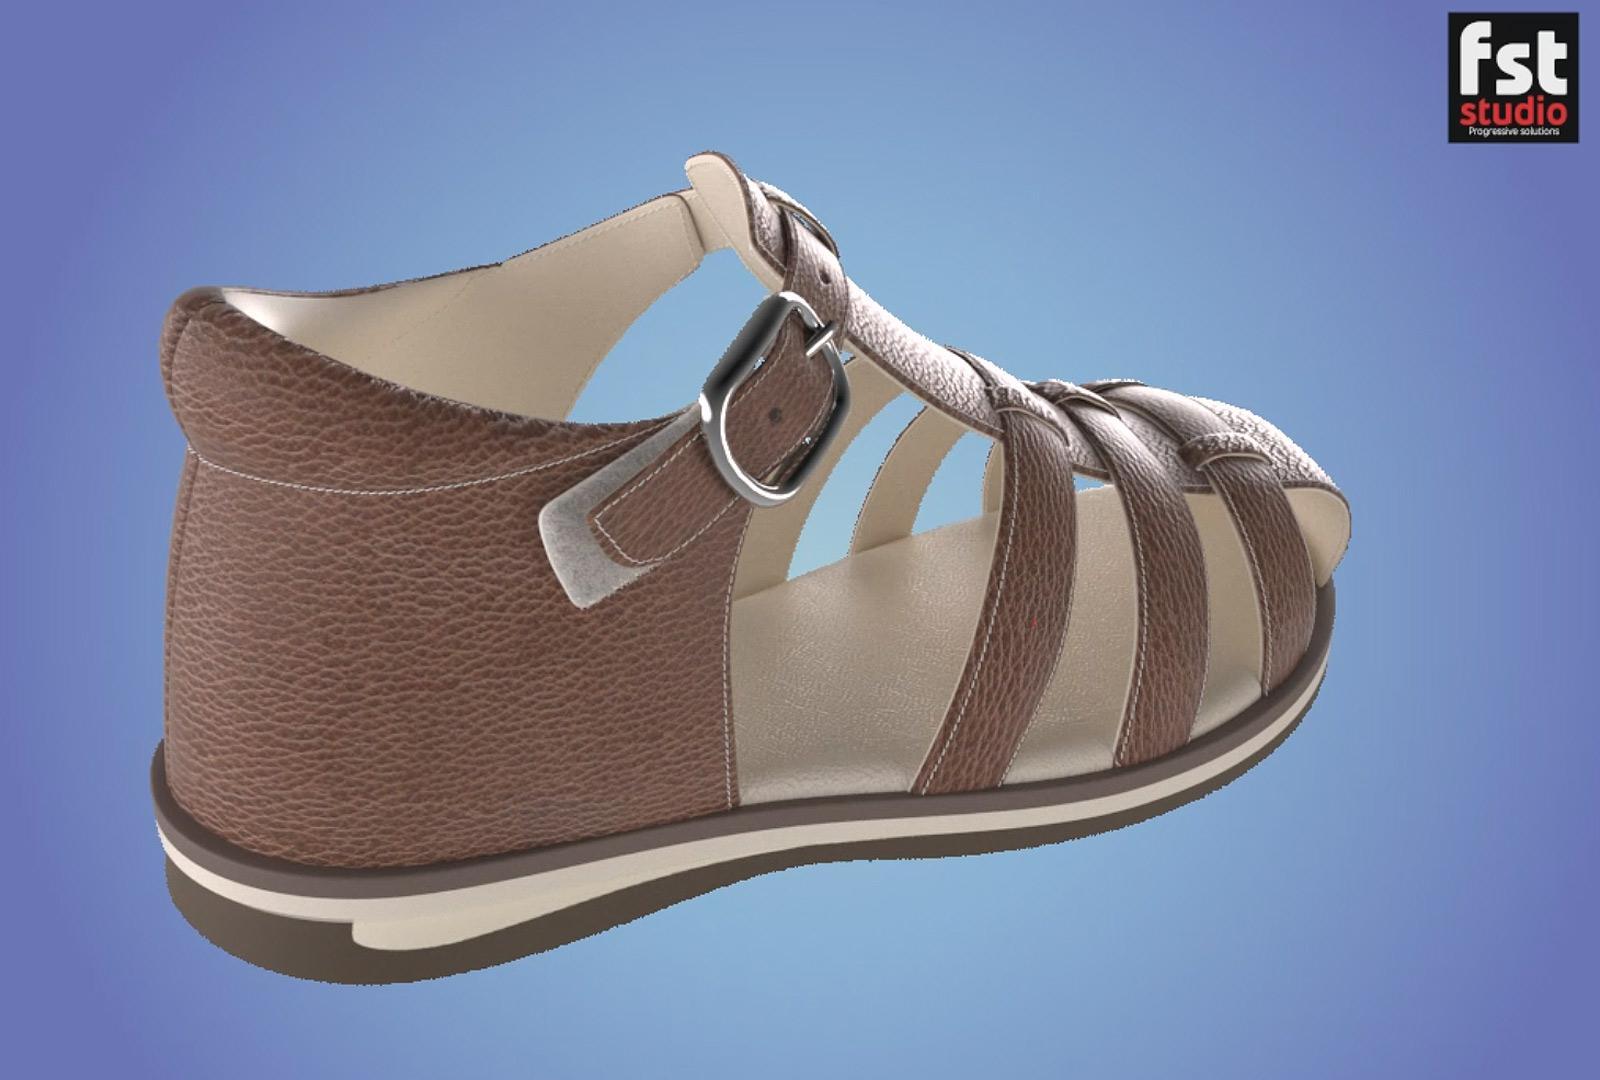 calzature_bambina4